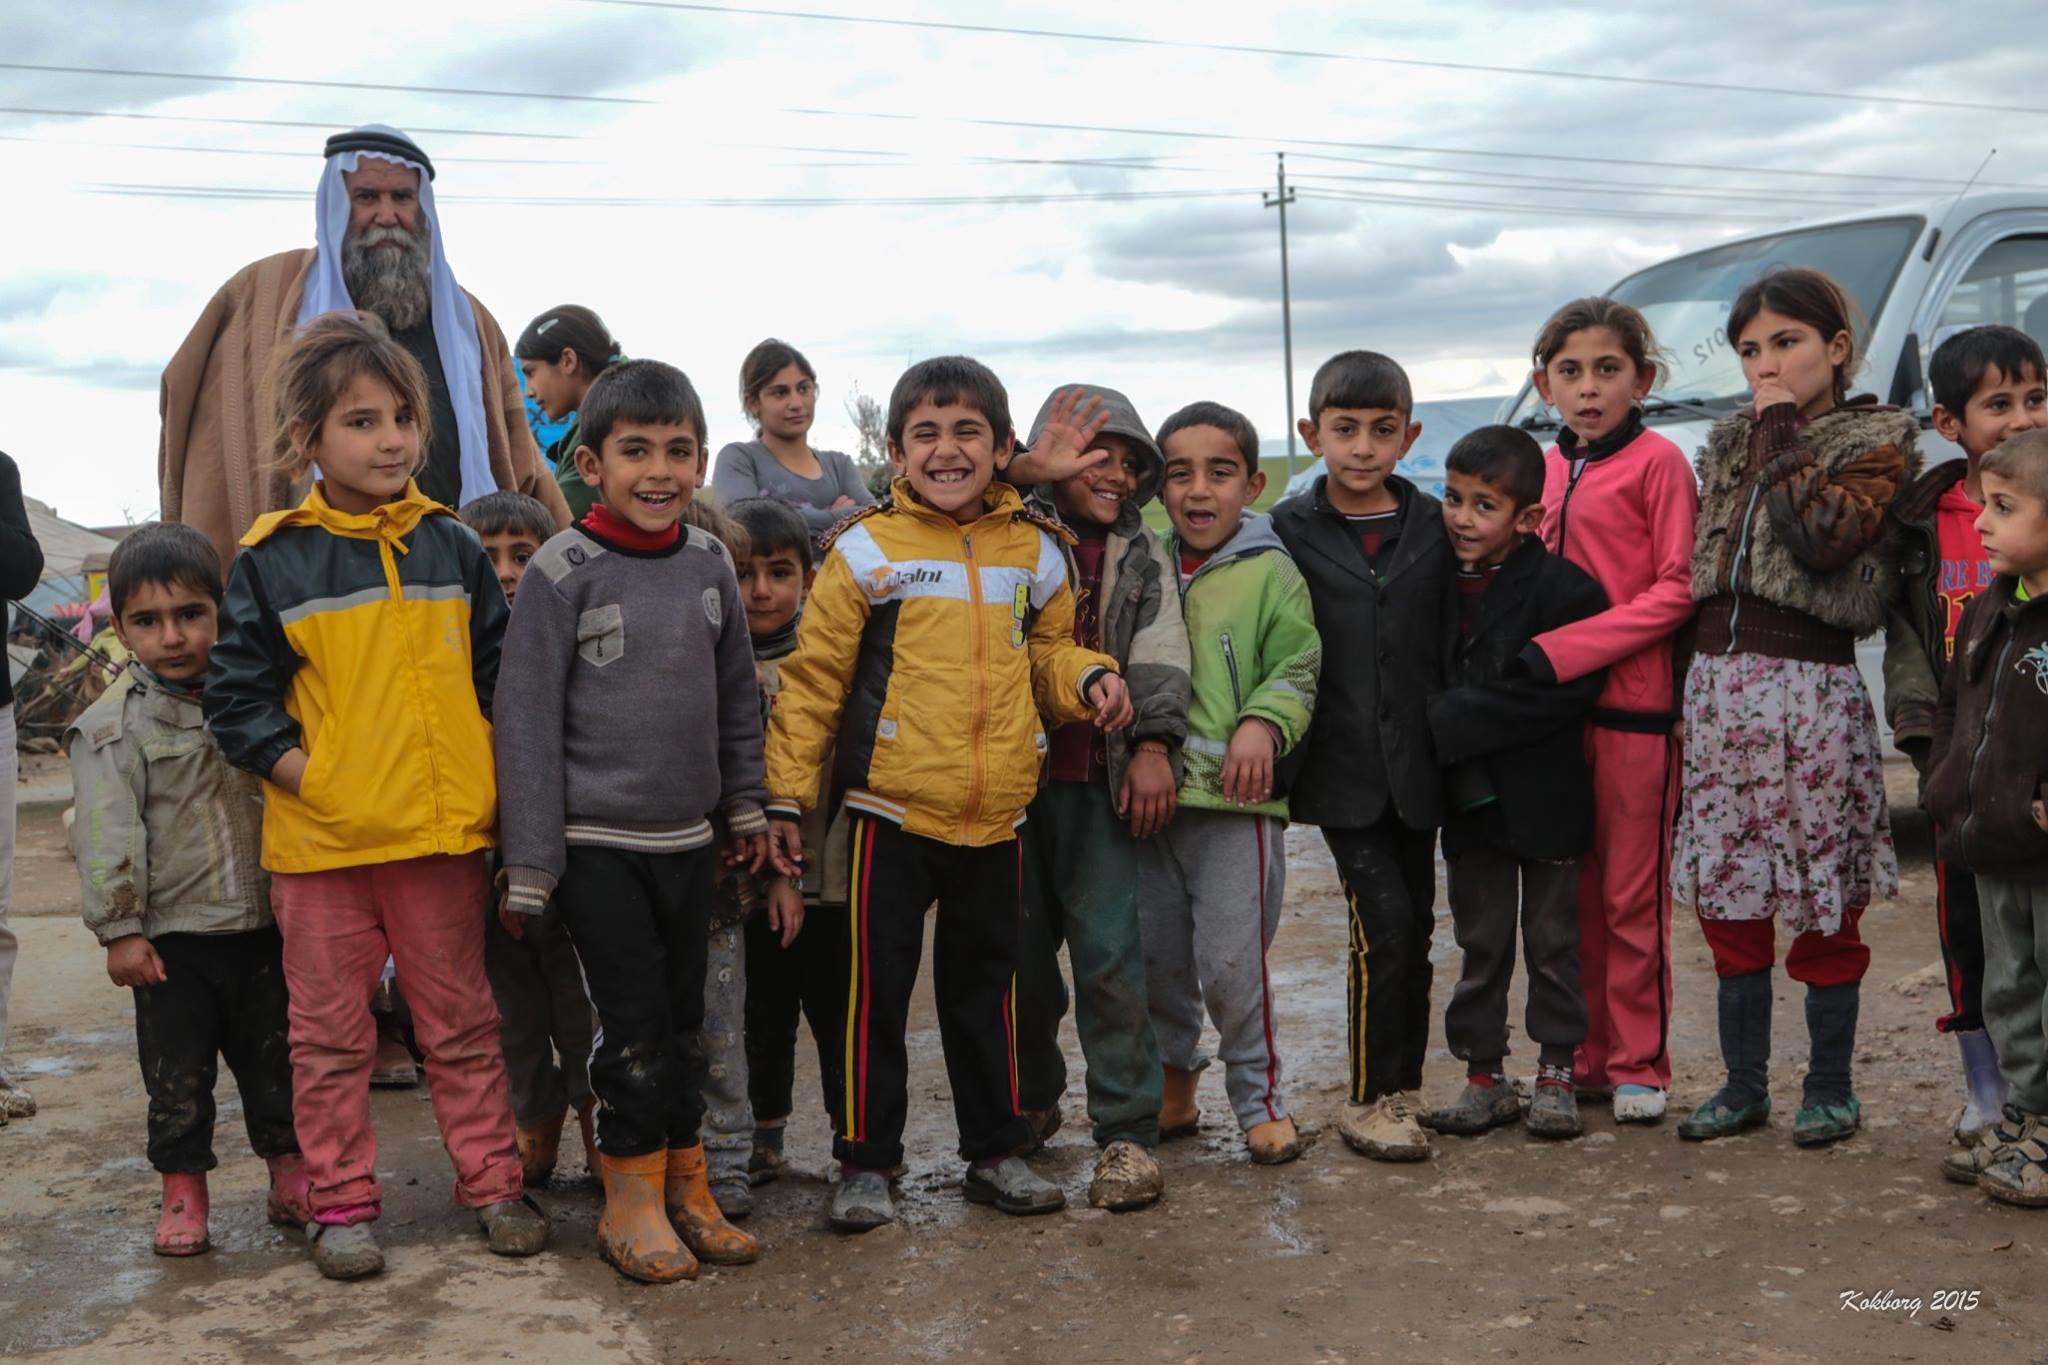 Da vi kom forbi en primitiv flygtninglejer i Dohuk, Irak.